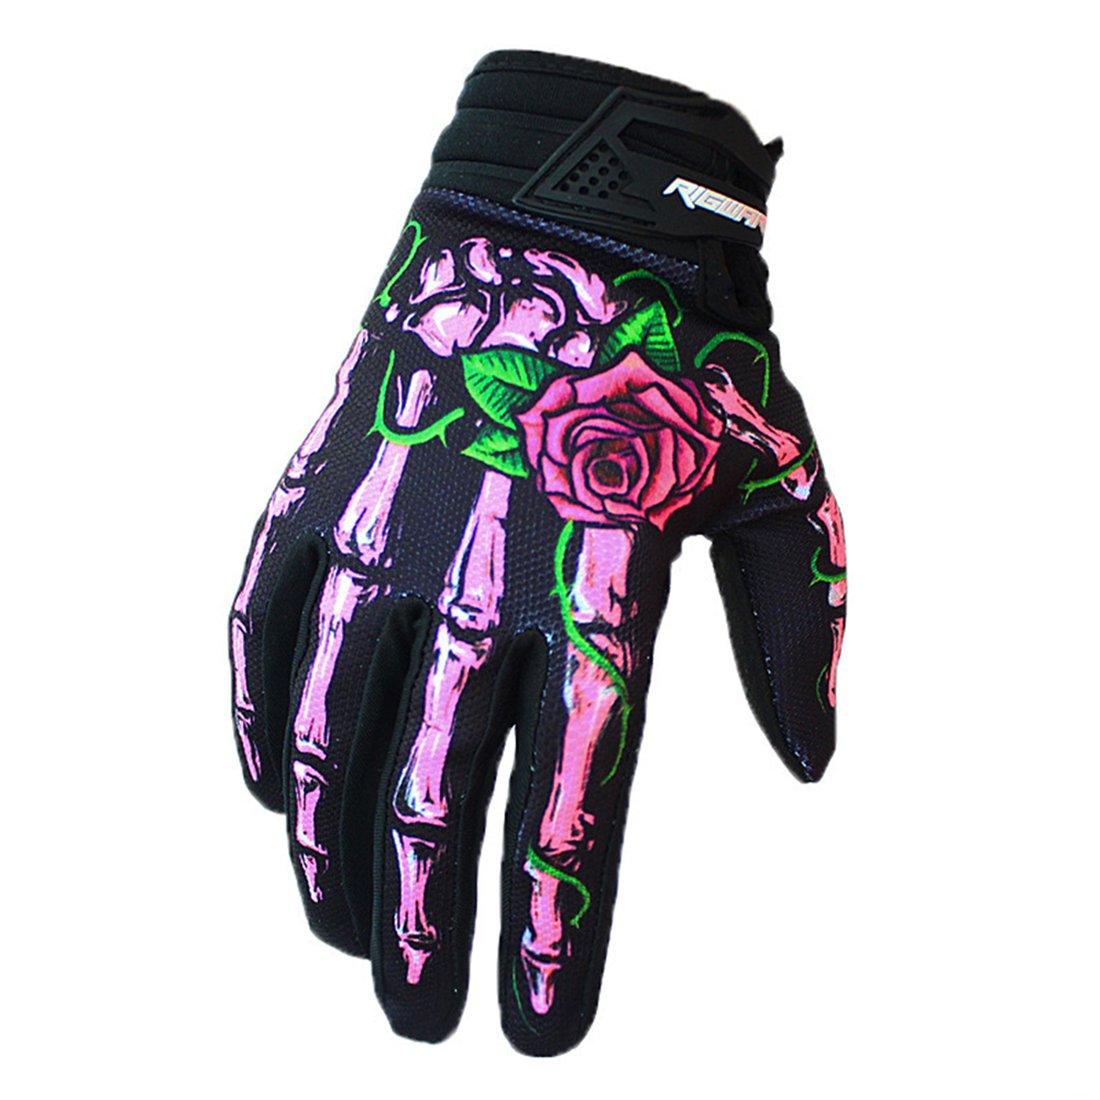 本店は GWELLユニセックスフルスケルトン手指サイクリンググローブ、印刷手袋for Ourdoor Biking M( unisex youth size) skeleton Pink youth Ourdoor skeleton hand and rose B077FJ2Y8B, Smiling Angel Fashion Shop:f7edf43a --- agiven.com